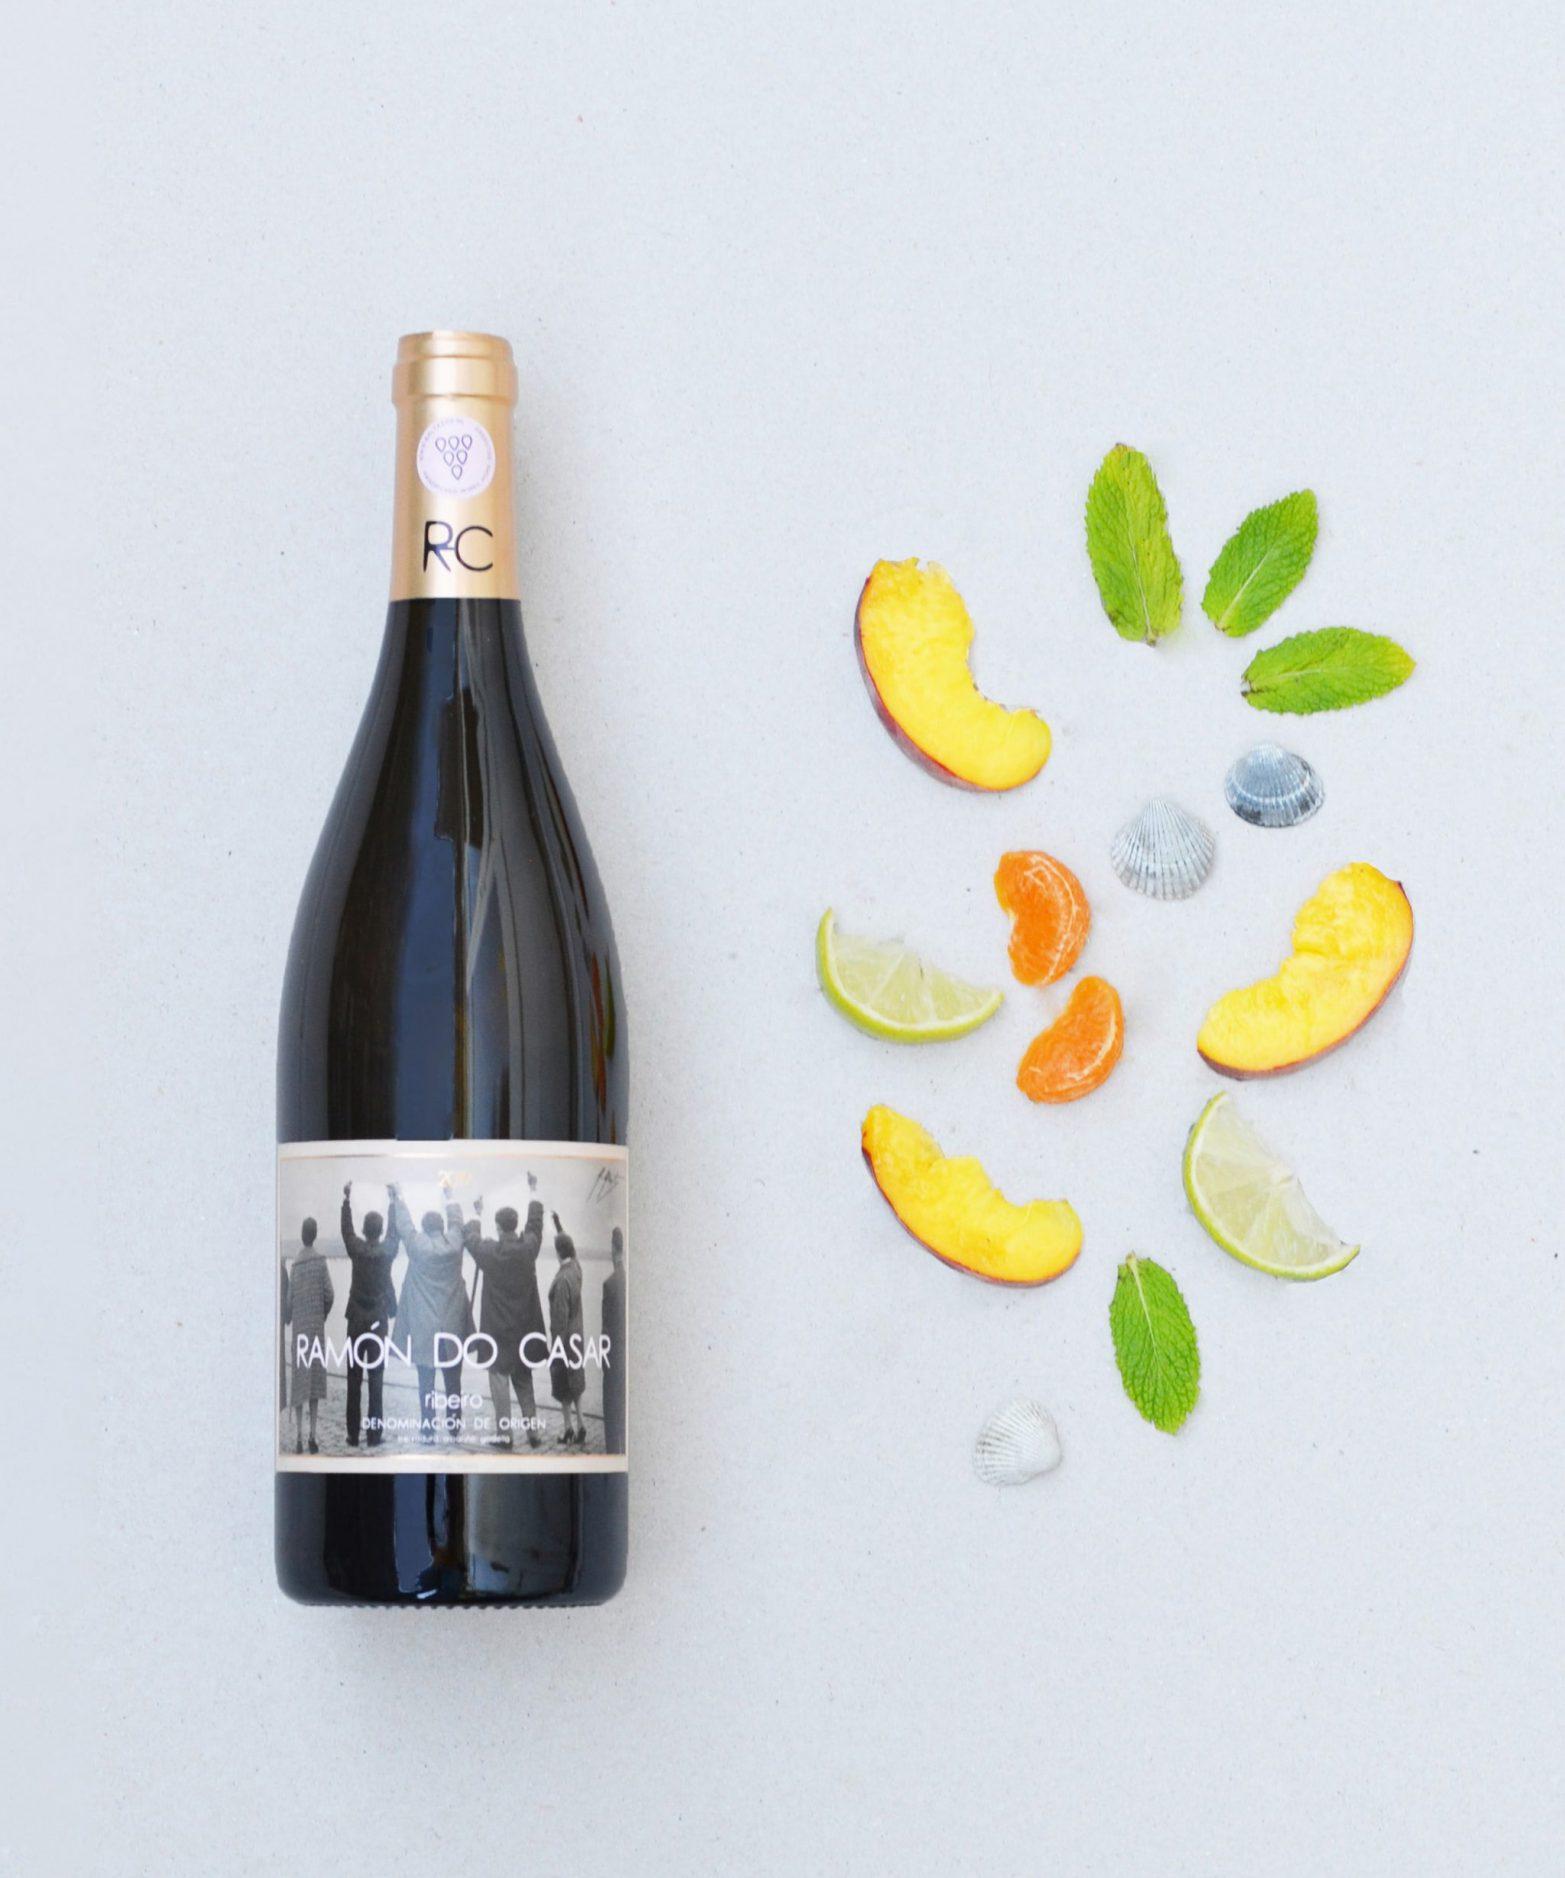 wijn wijnabonnement baltazar